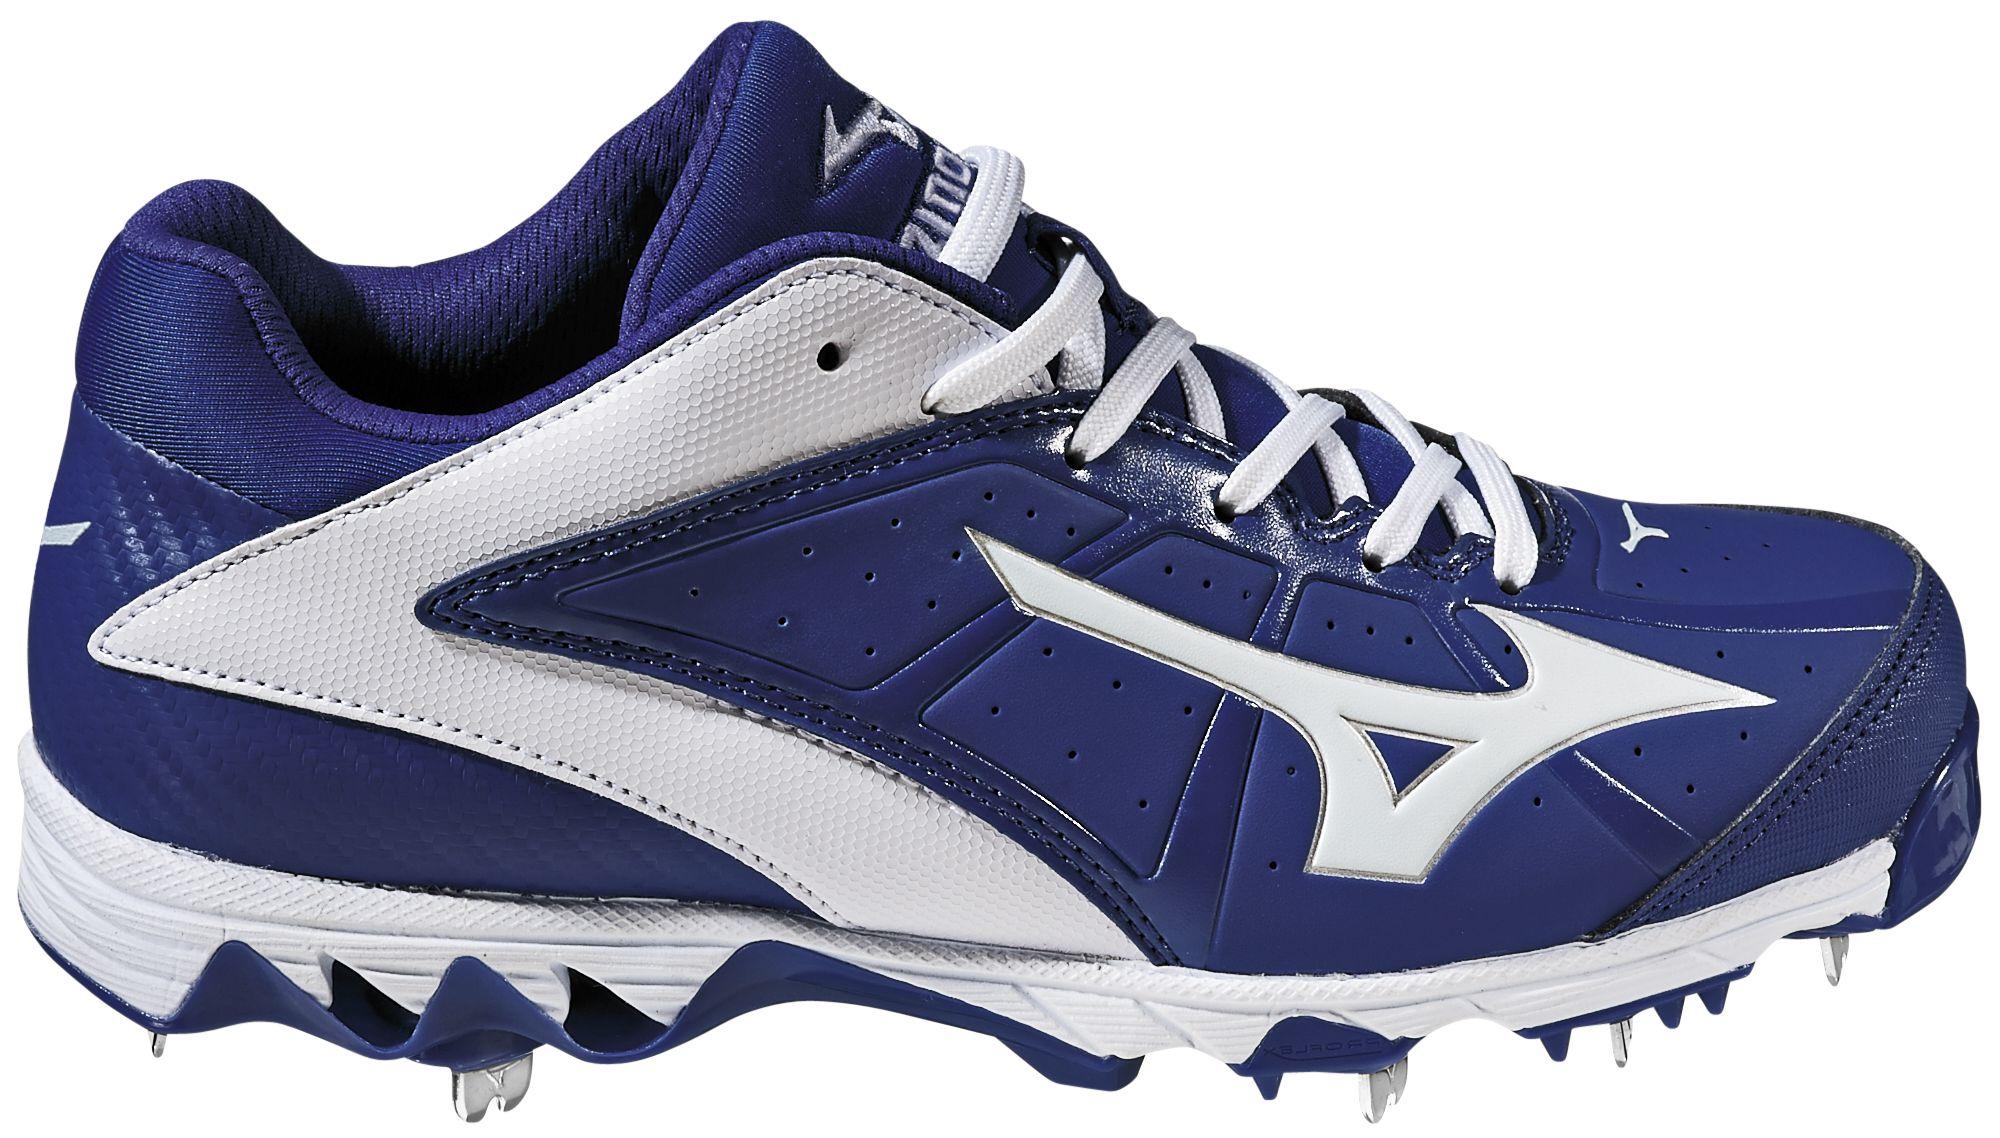 c5a1e12e11d3 85%OFF Mizuno Womens 9 Spike Swift 4 Fastpitch Softball Cleats DICKS  Sporting Goods